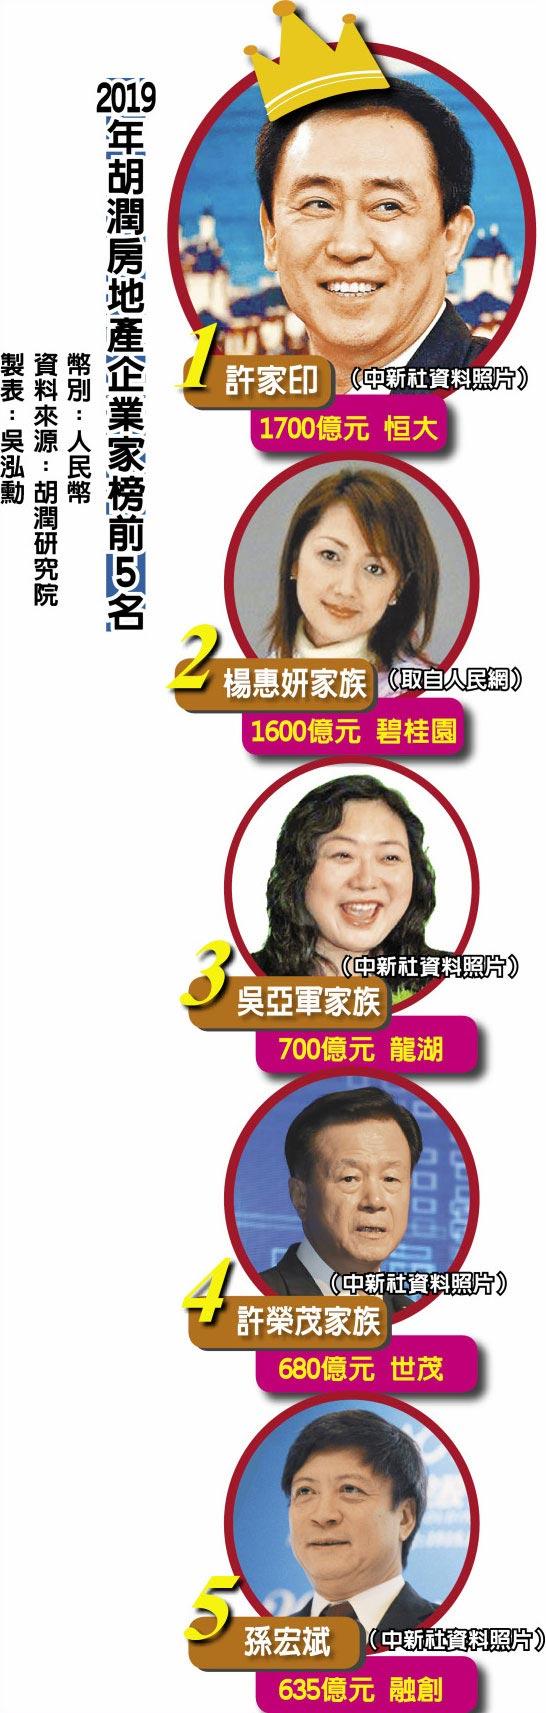 2019年胡潤房地產企業家榜前5名